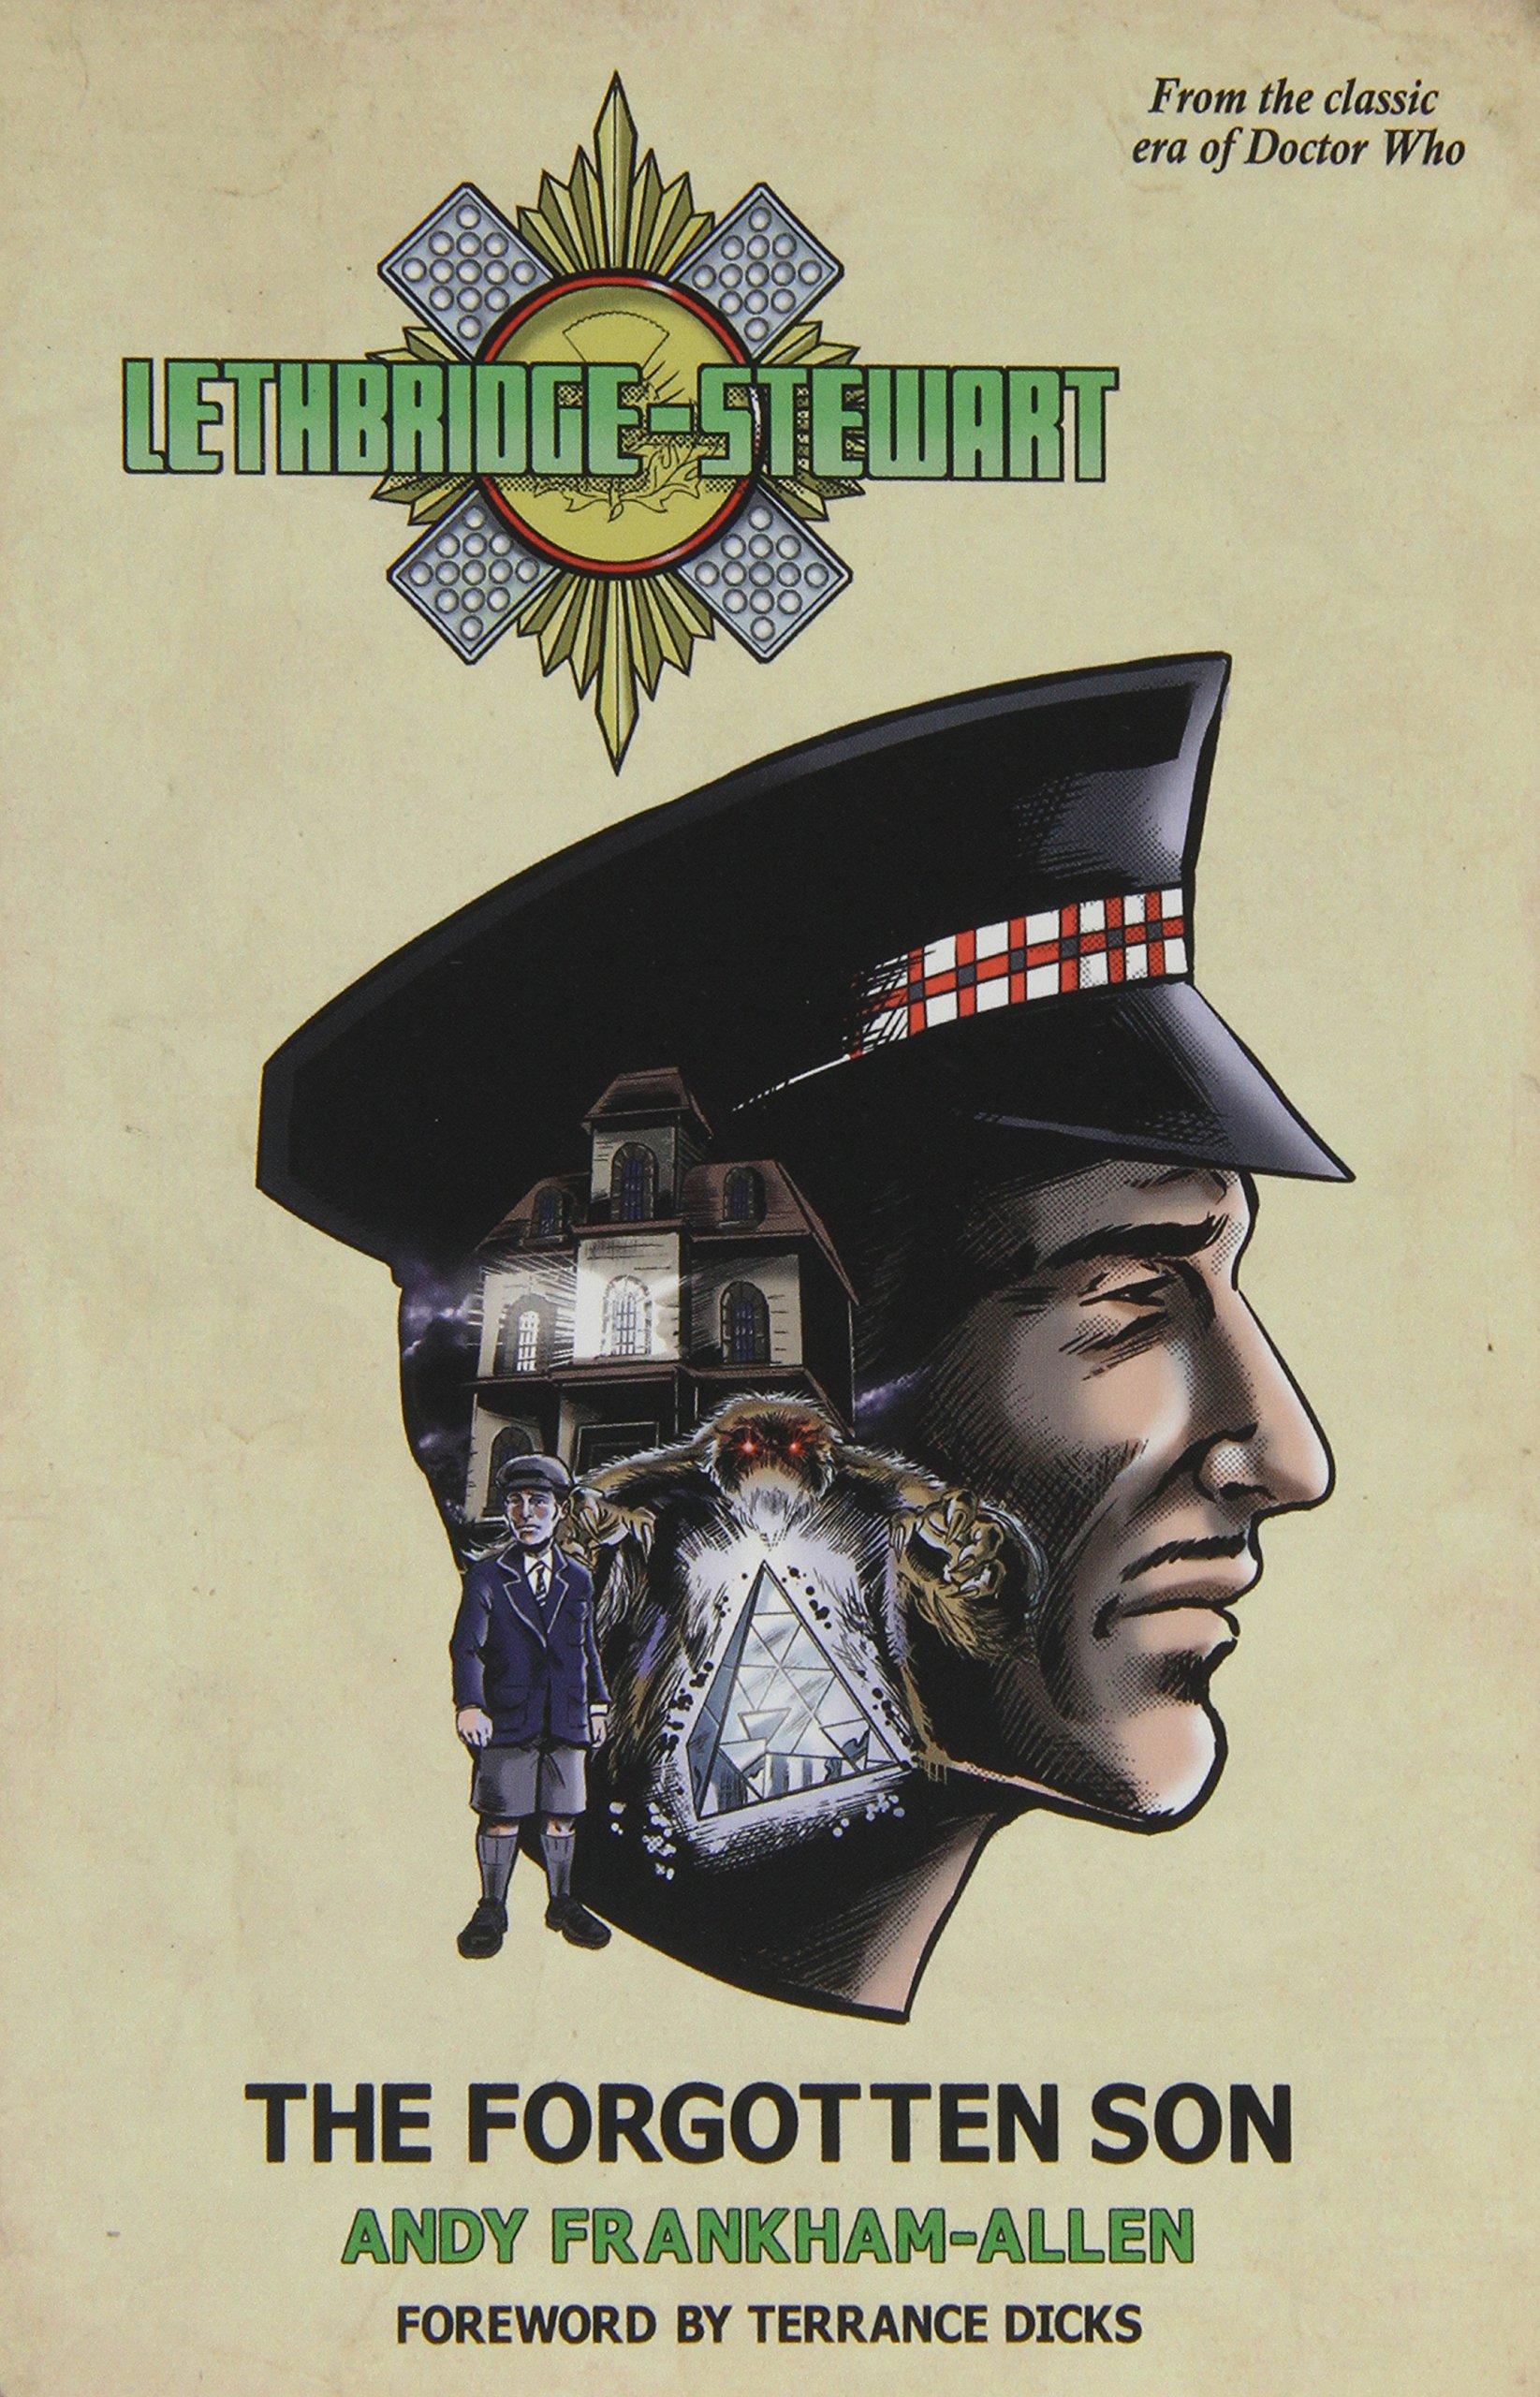 Lethbridge-Stewart [1.00] The Forgotten Son - Andy Frankham-Allen